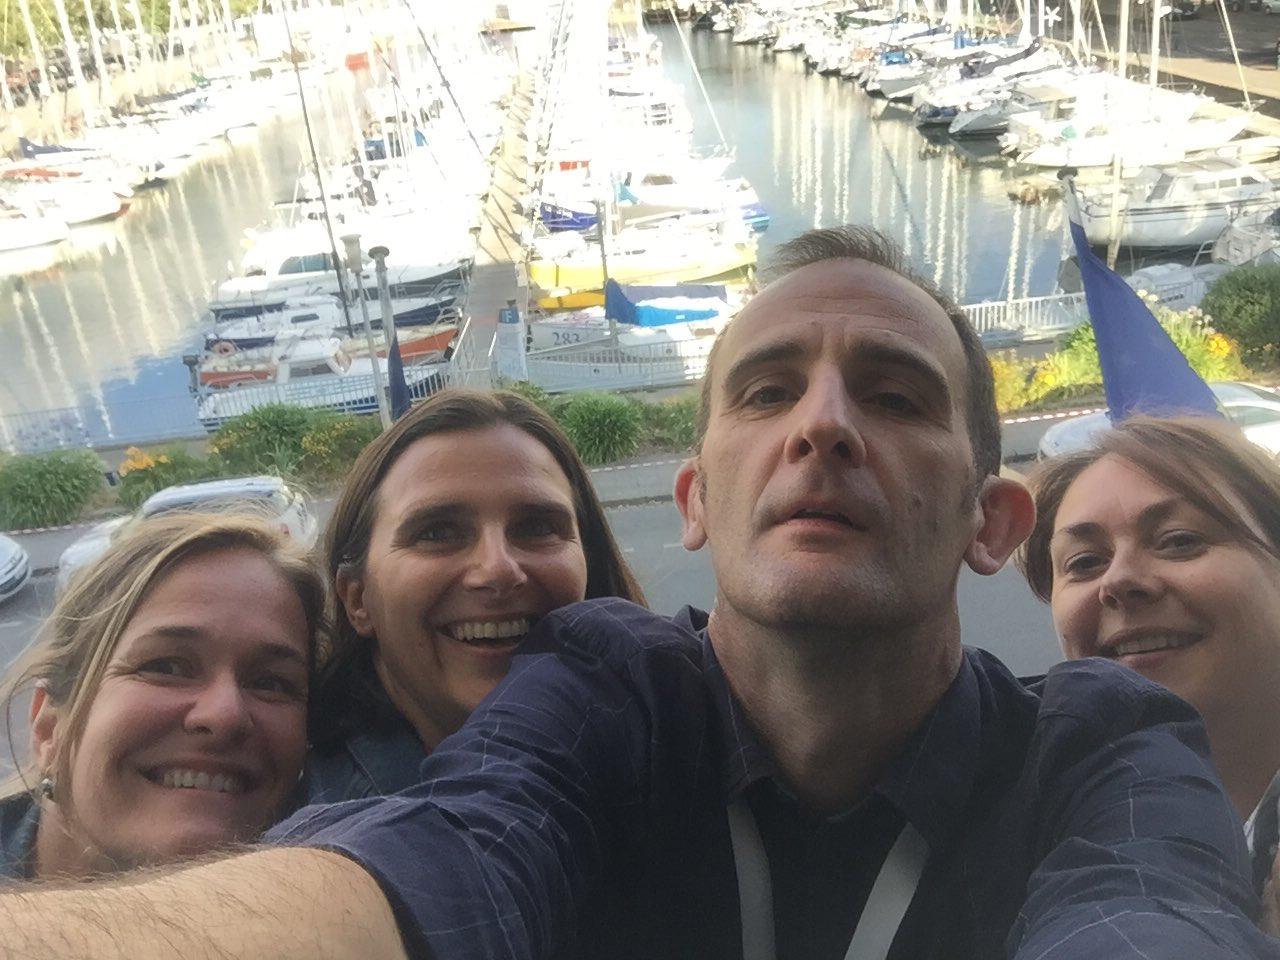 Le selfie avec les collègues @sandmonguillon @KoehlerMuller et Stella #colloquefcu Cc @Univ_Lorraine @fculorraine https://t.co/28QWsW53zd